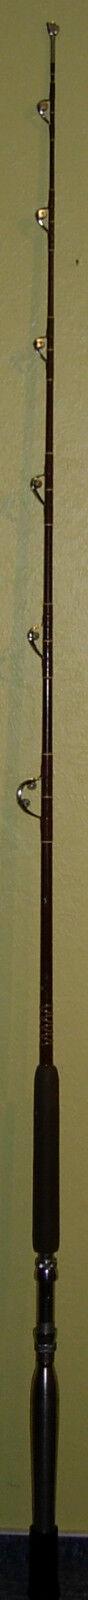 Fenwick  630 6' 9 30 LBn116824classeGes. lunghezza. 219 fatto in USA